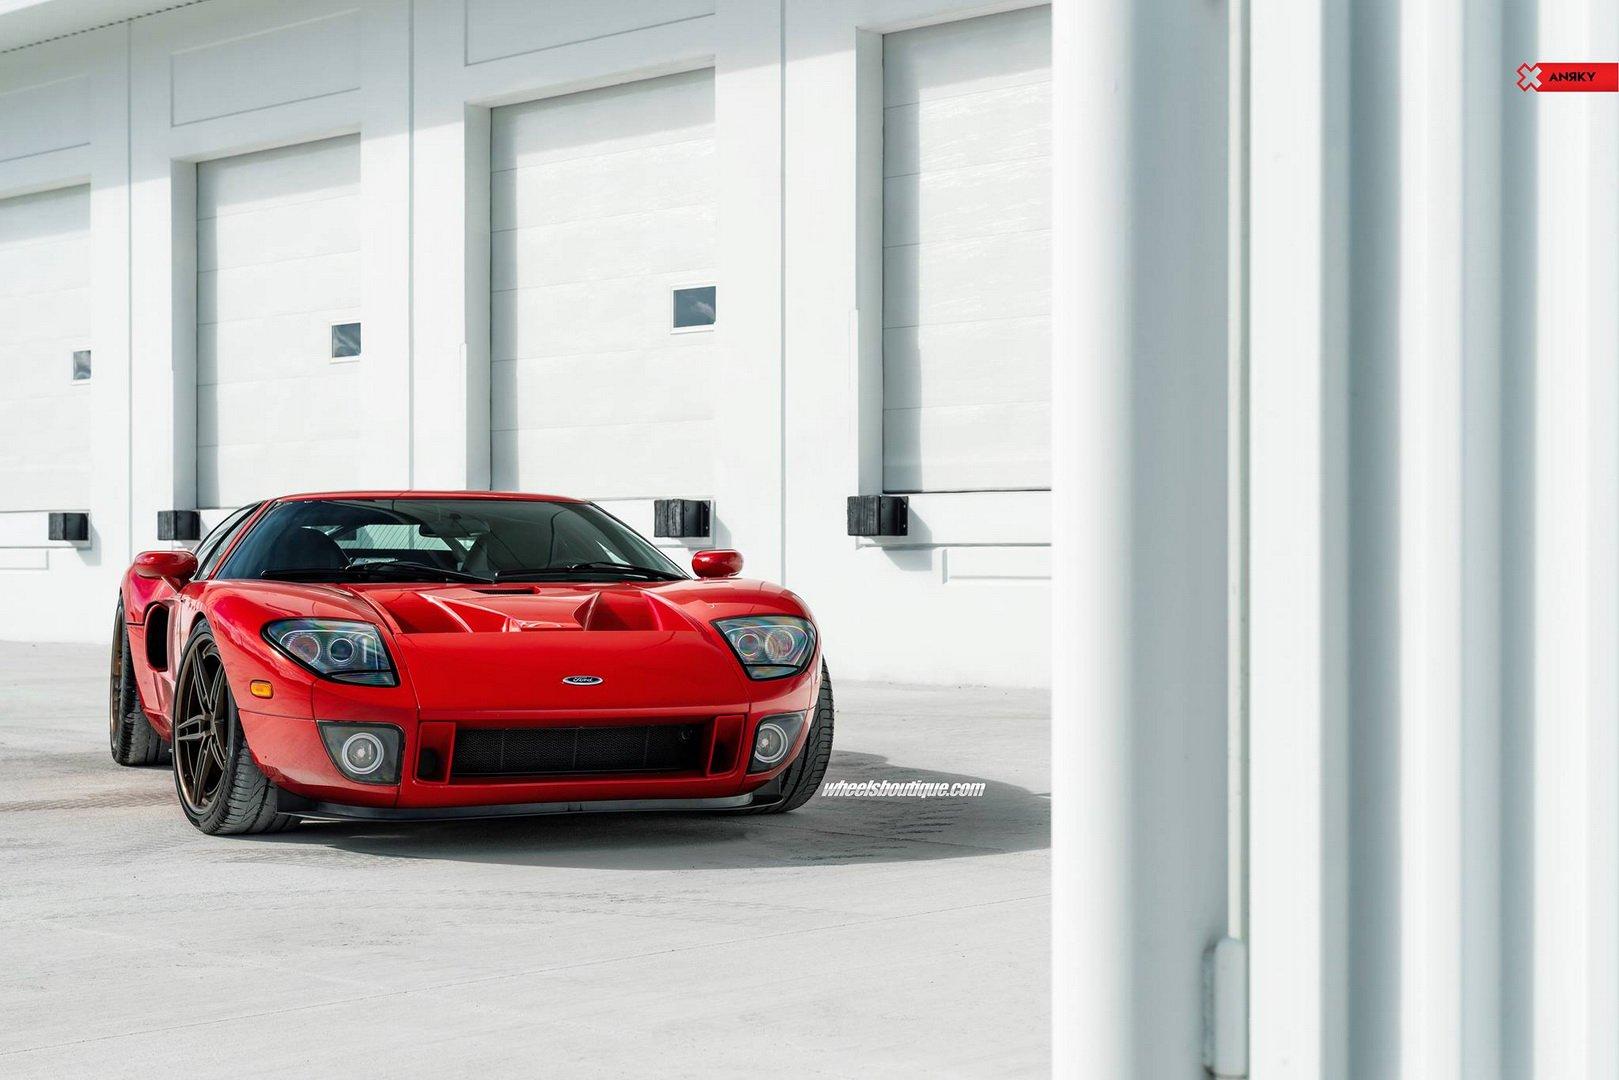 Ford GT byHeffner Performance (4)